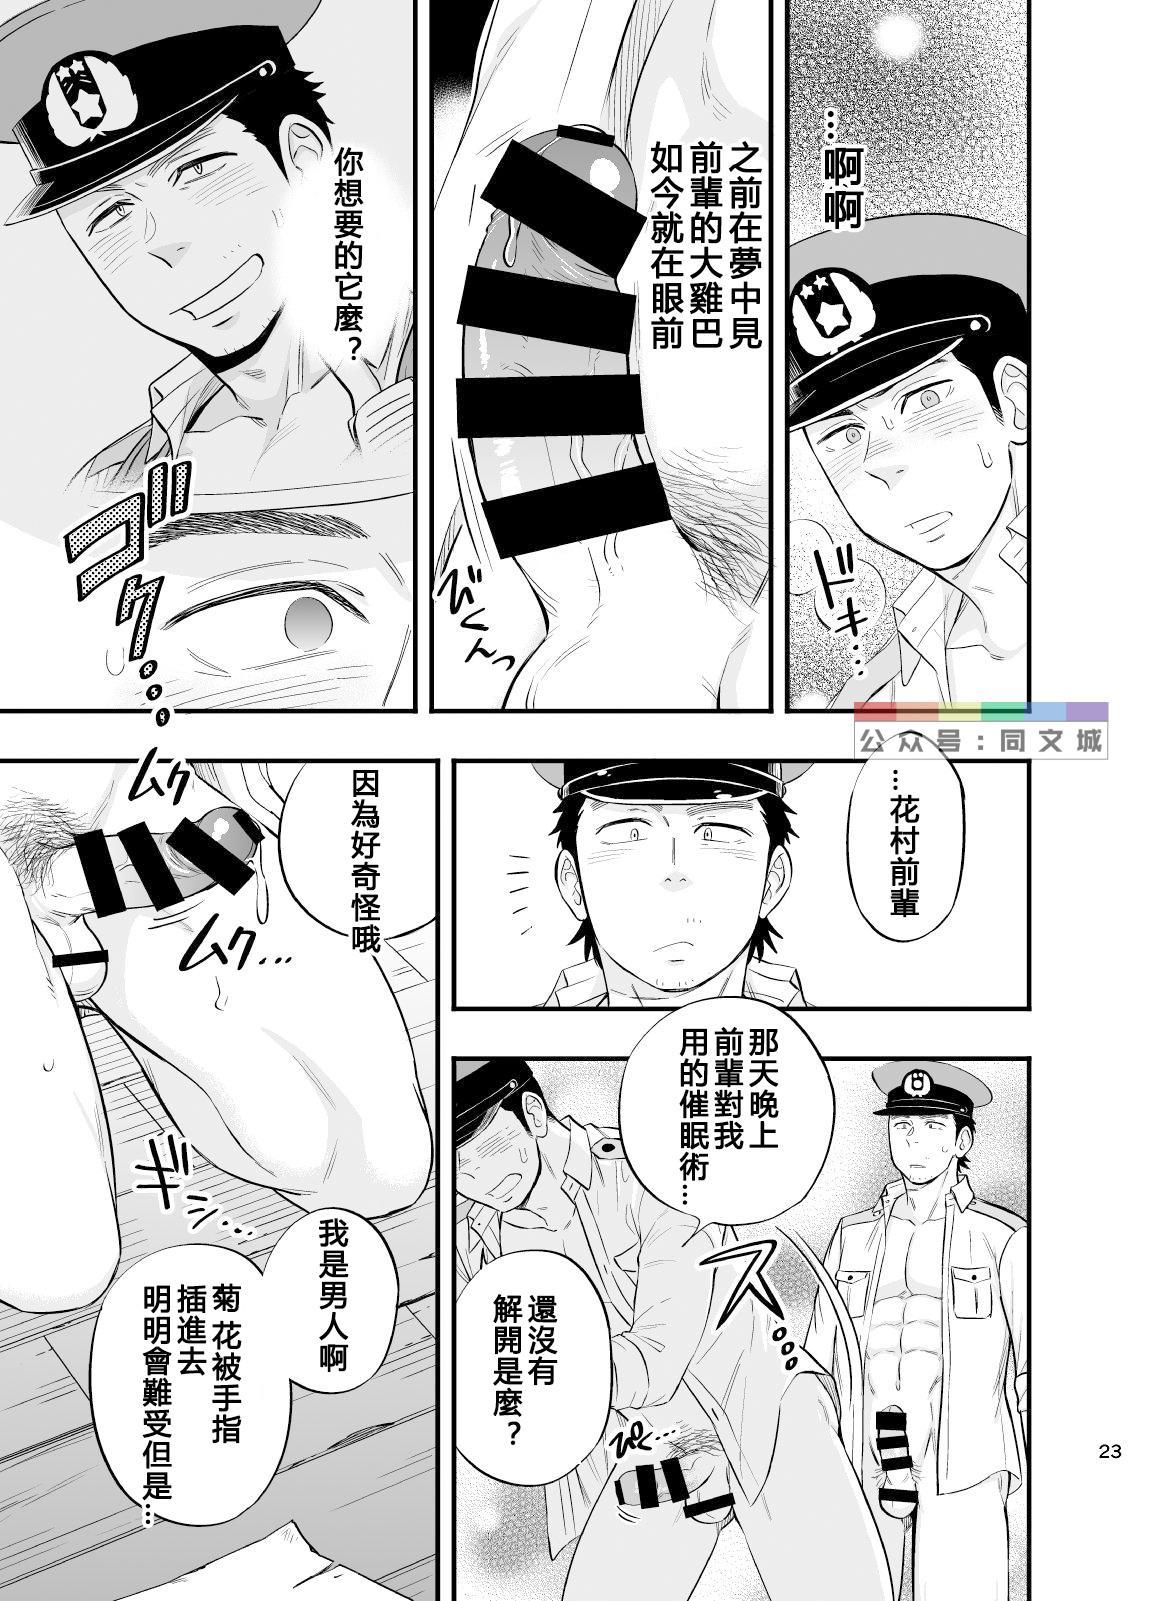 Yume no END wa Itsumo xxx 23